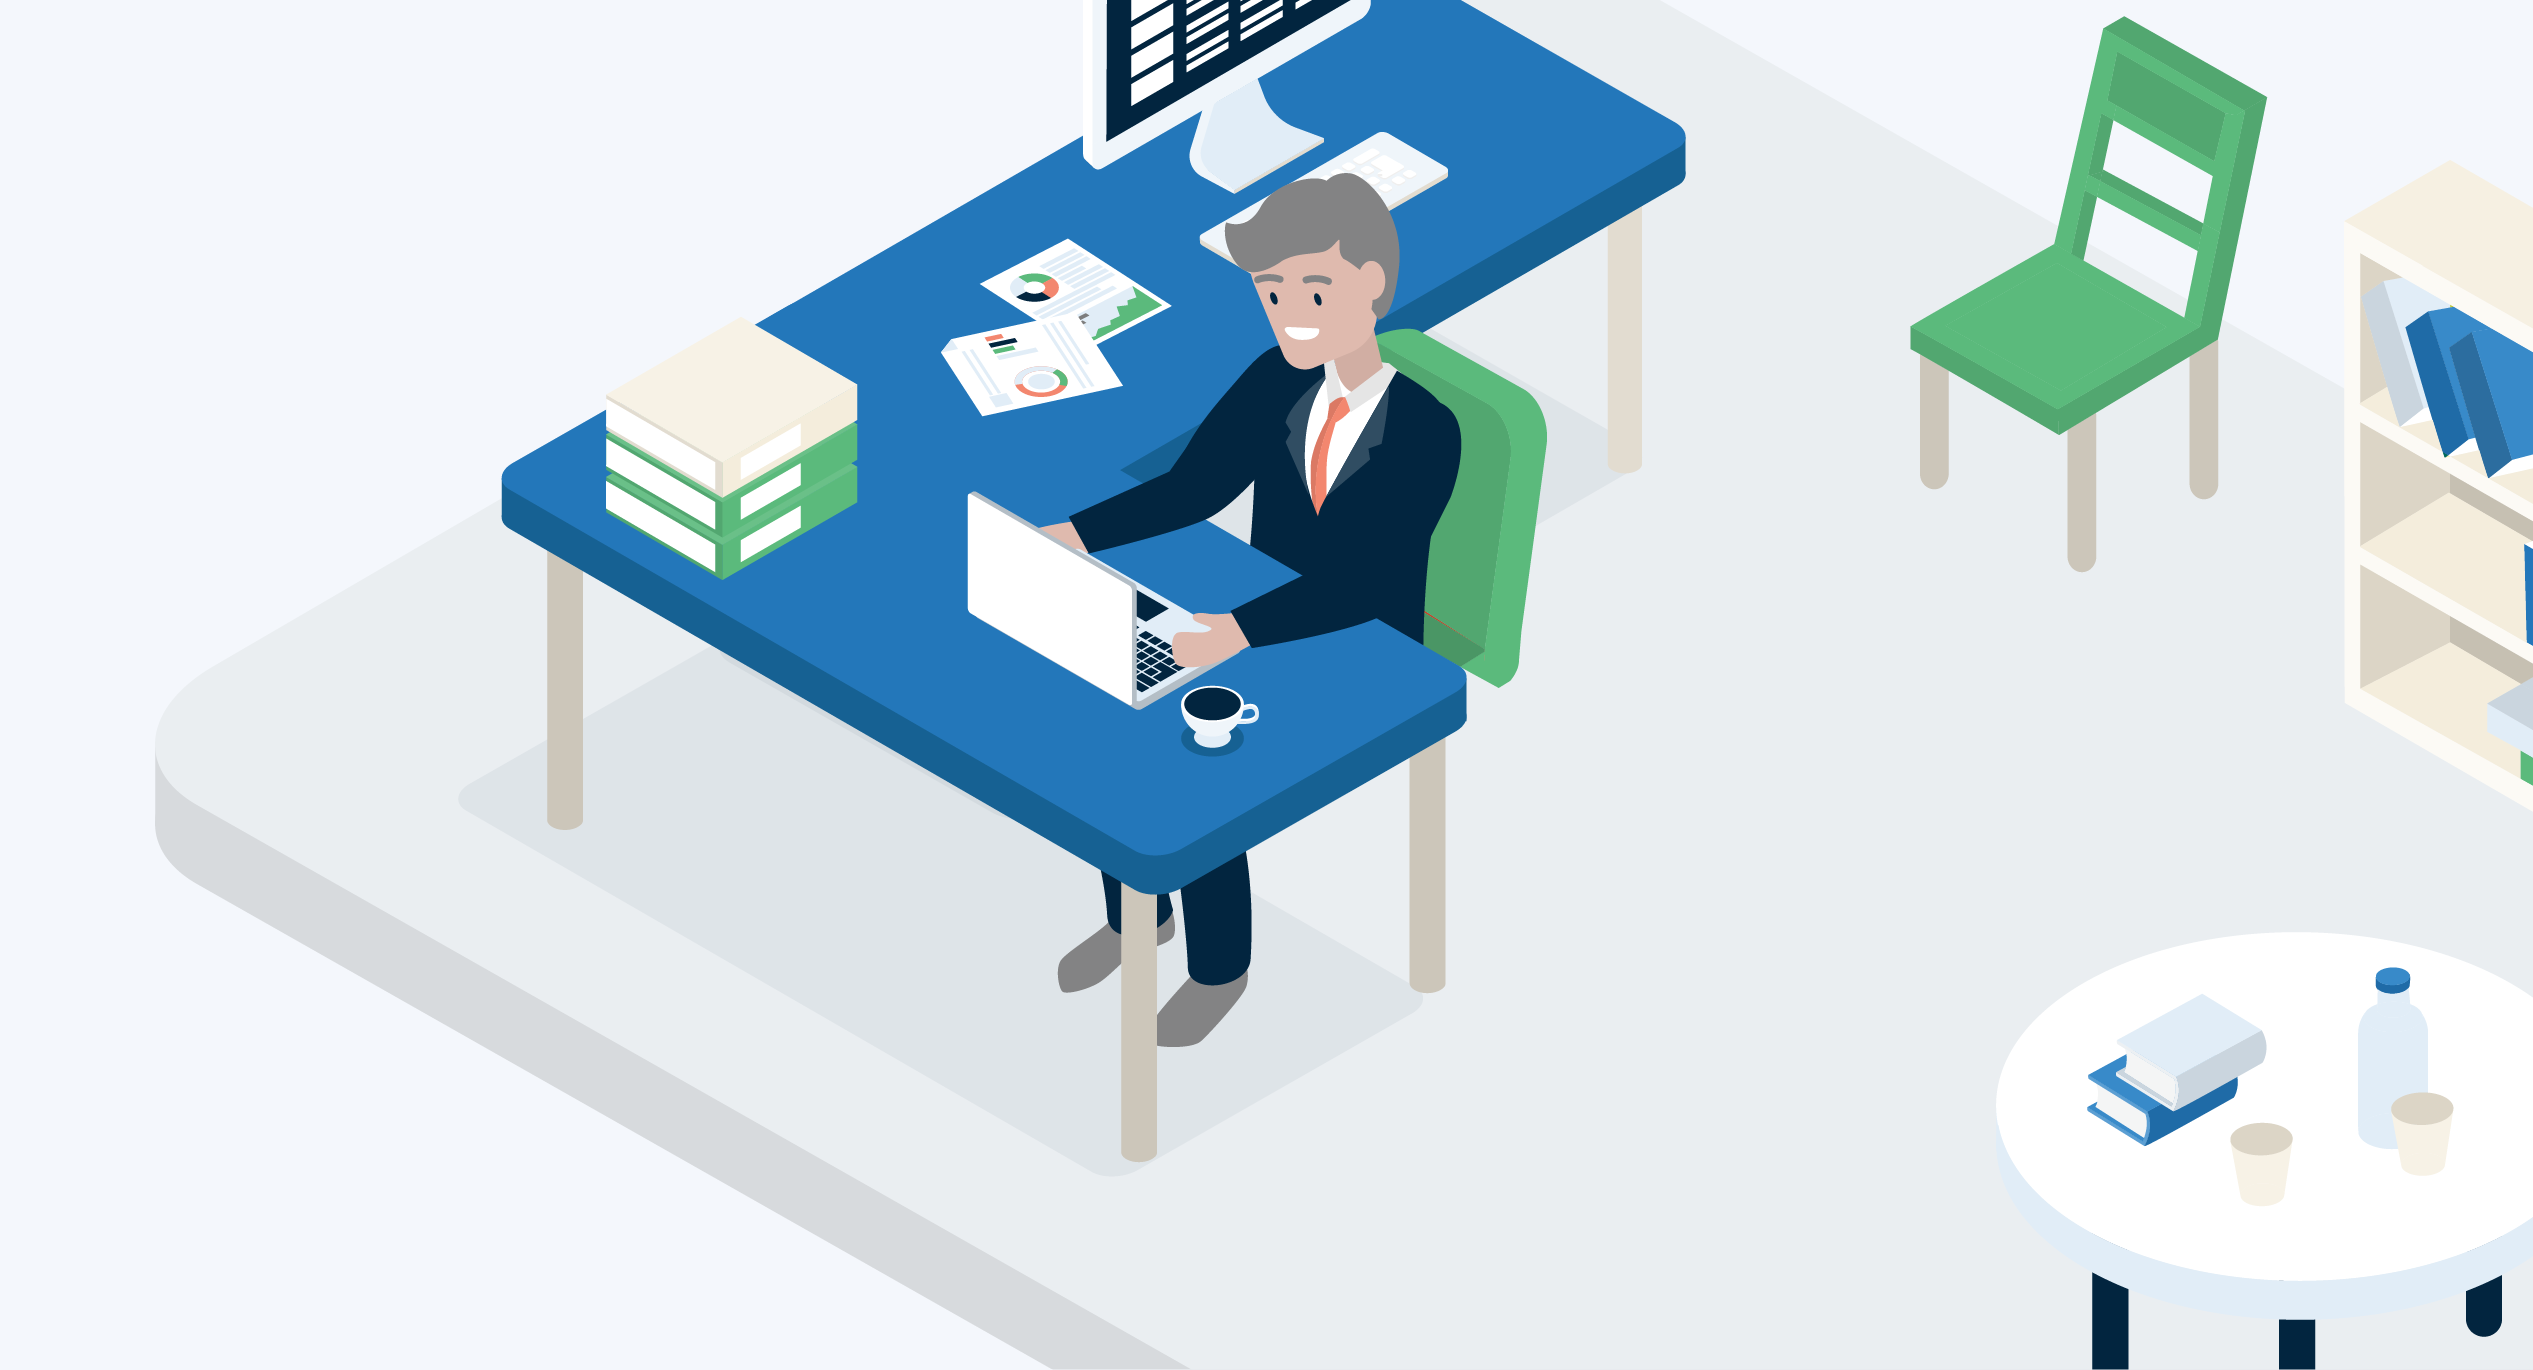 Effektivisér projektarbejdet med en digital opgradering – og skab engagerede og produktive medarbejdere